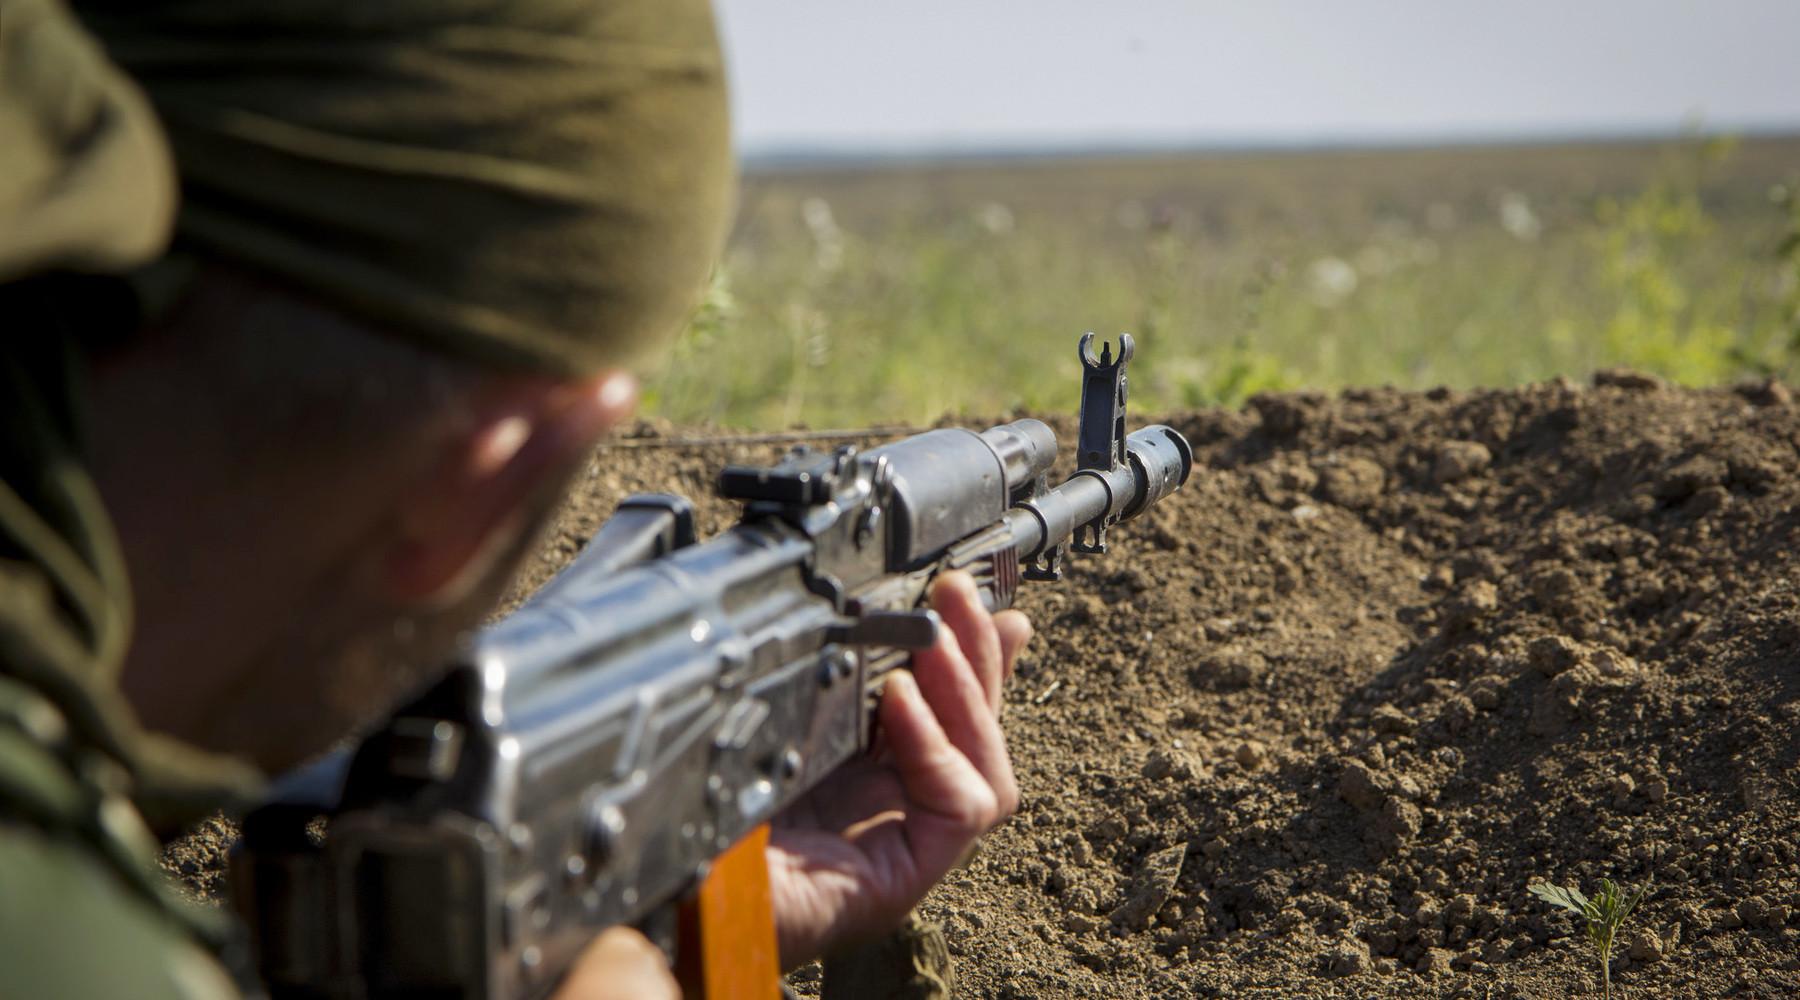 Эксклюзивный репортаж: Украинский солдат не готов убивать людей и хочет домой